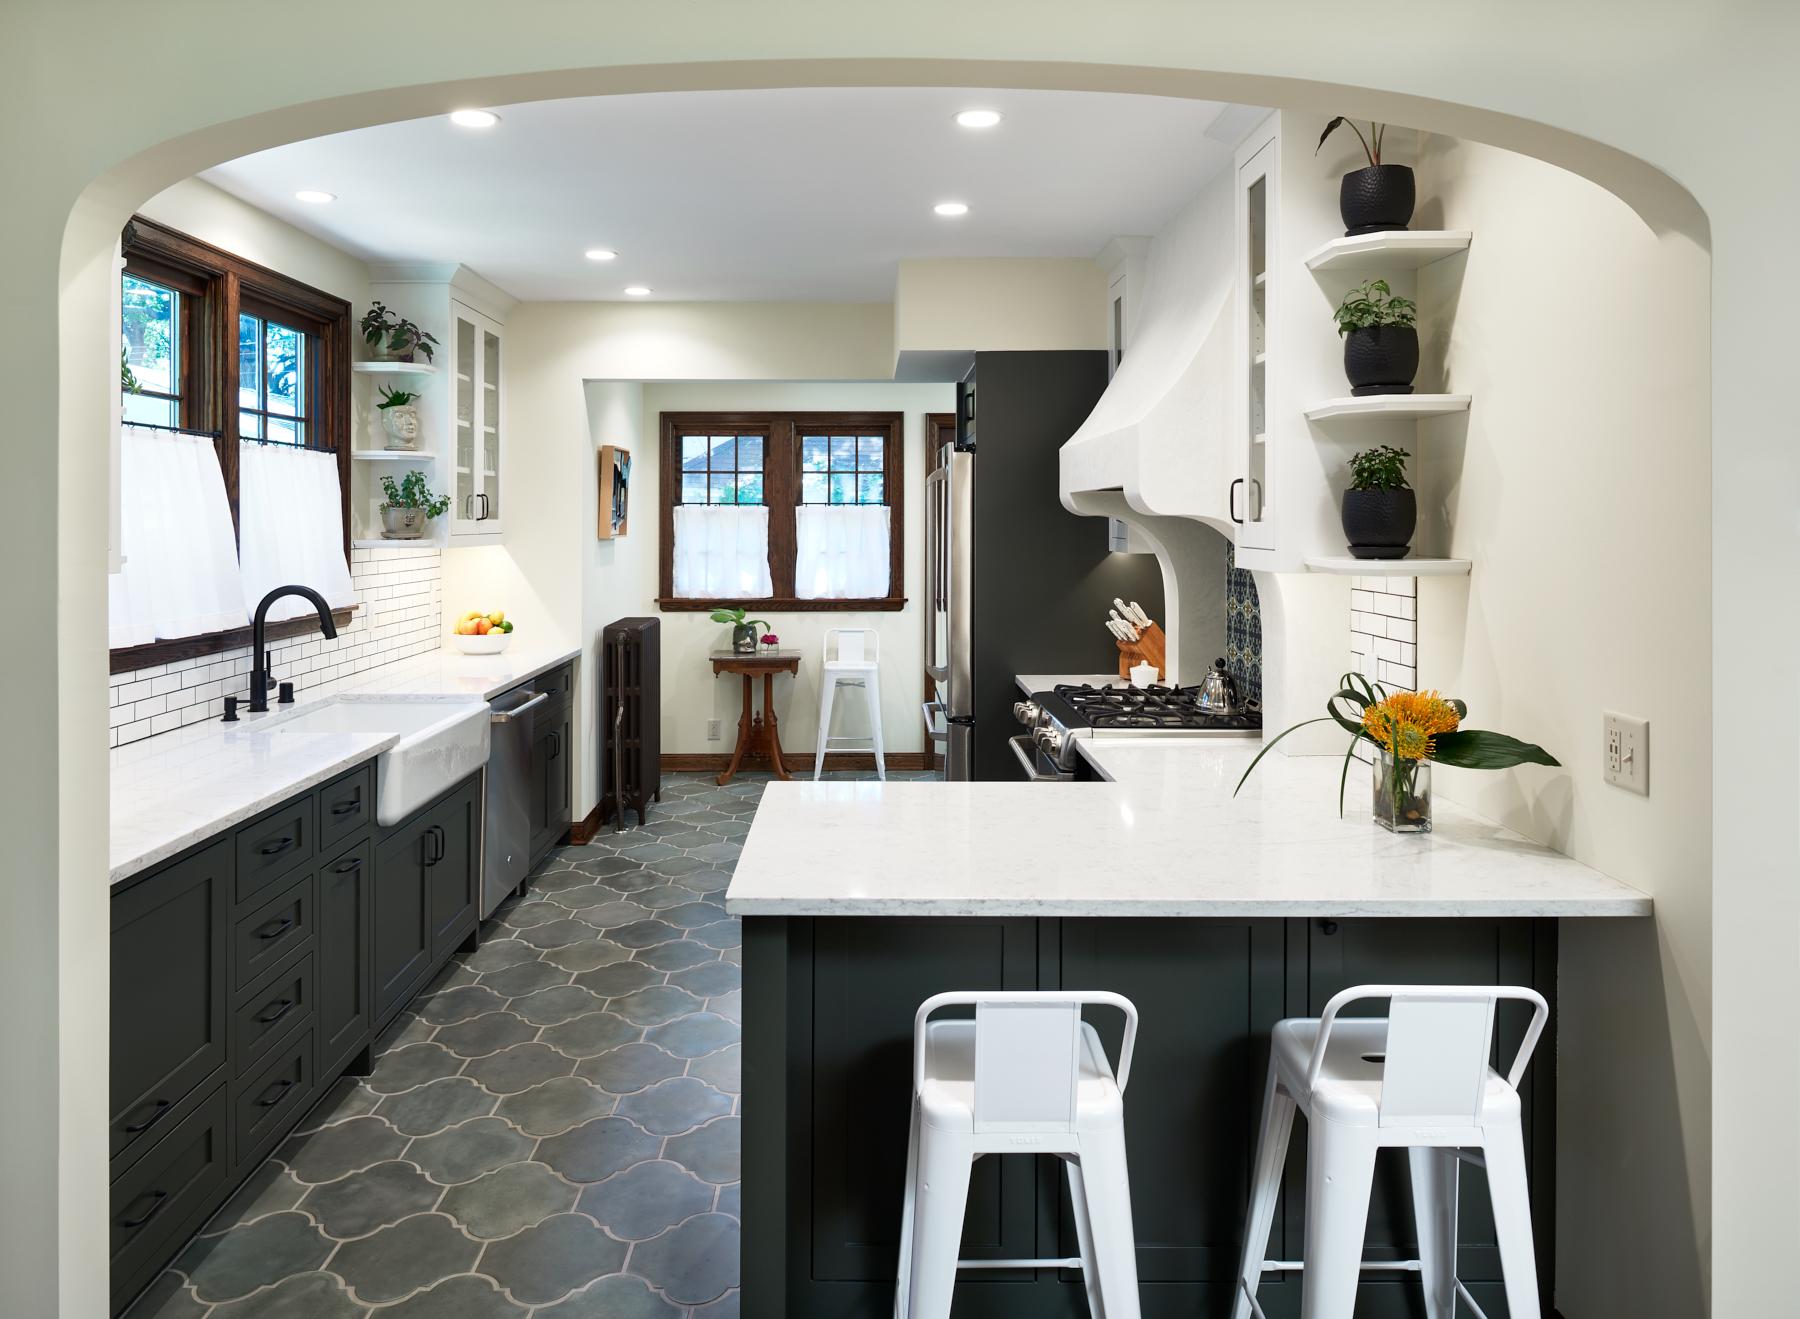 NewStudio Architecture Mediterranean-style kitchen renovation